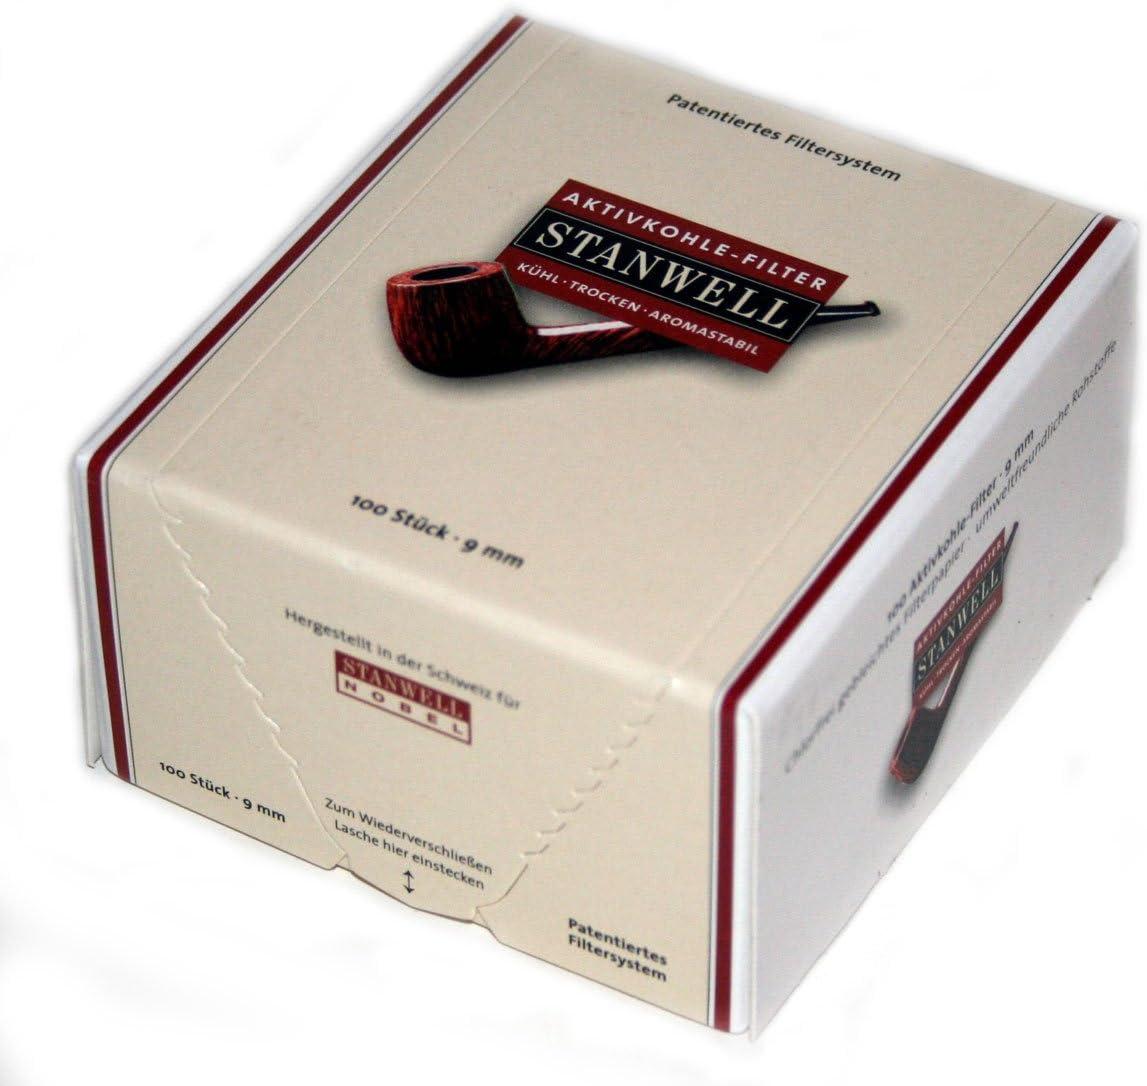 Stanwell 18425 - Filtros de carbón activo (9 mm, 100 unidades), color marrón